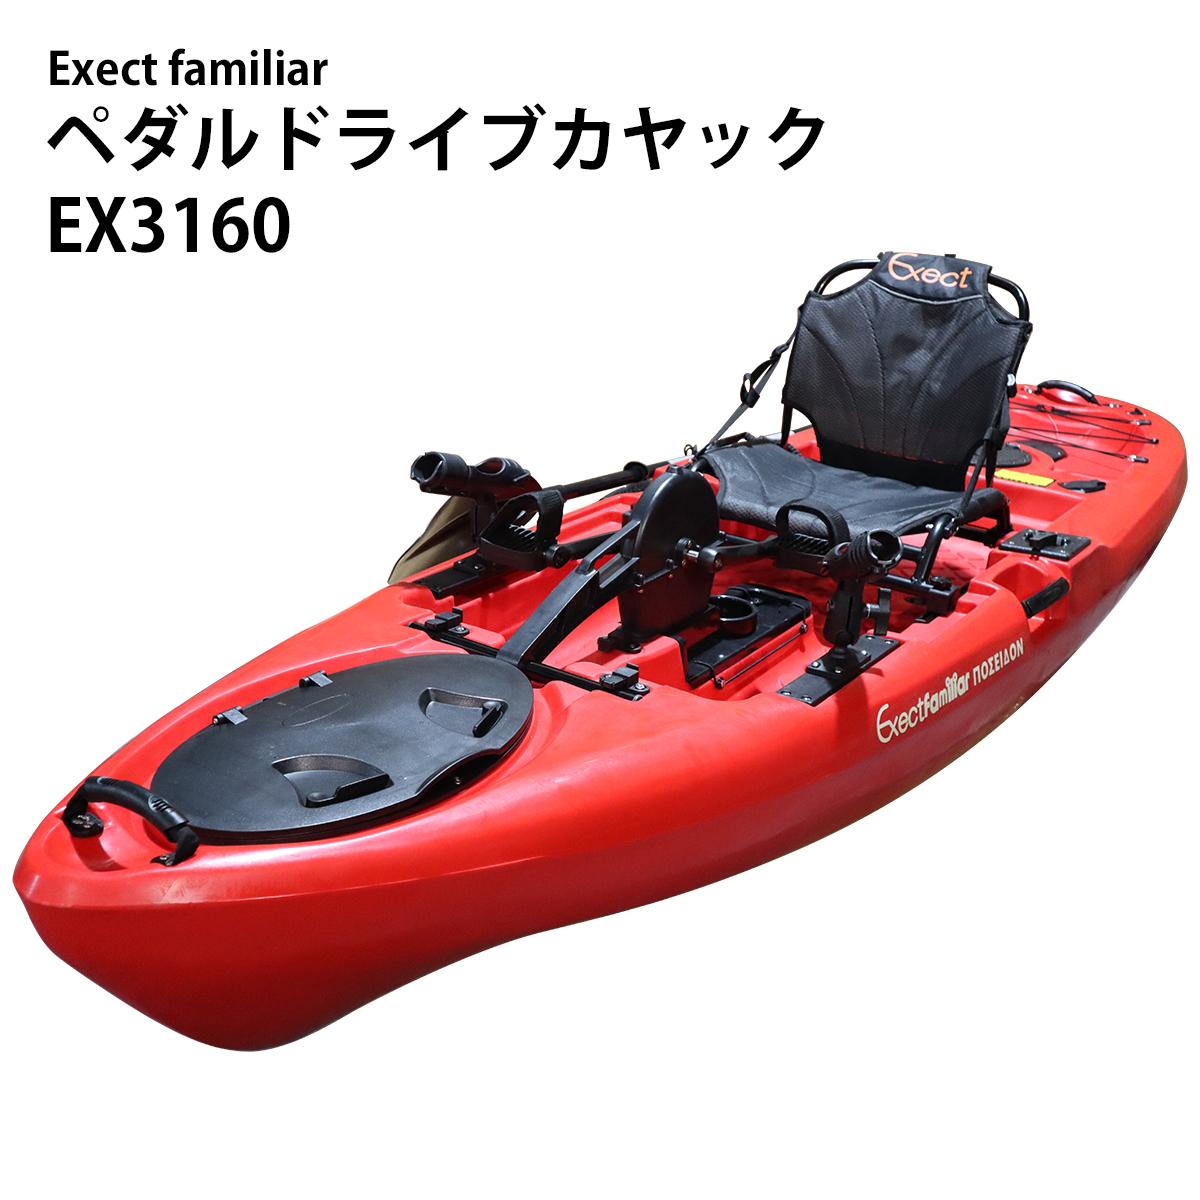 パドル付き ラッピング無料 キャリア搭載可能 カヤック ペダルドライブ式セット モデル着用&注目アイテム 1人乗り フィッシングカヤック ポセイドンfishing EX3160 10ft フィッシング